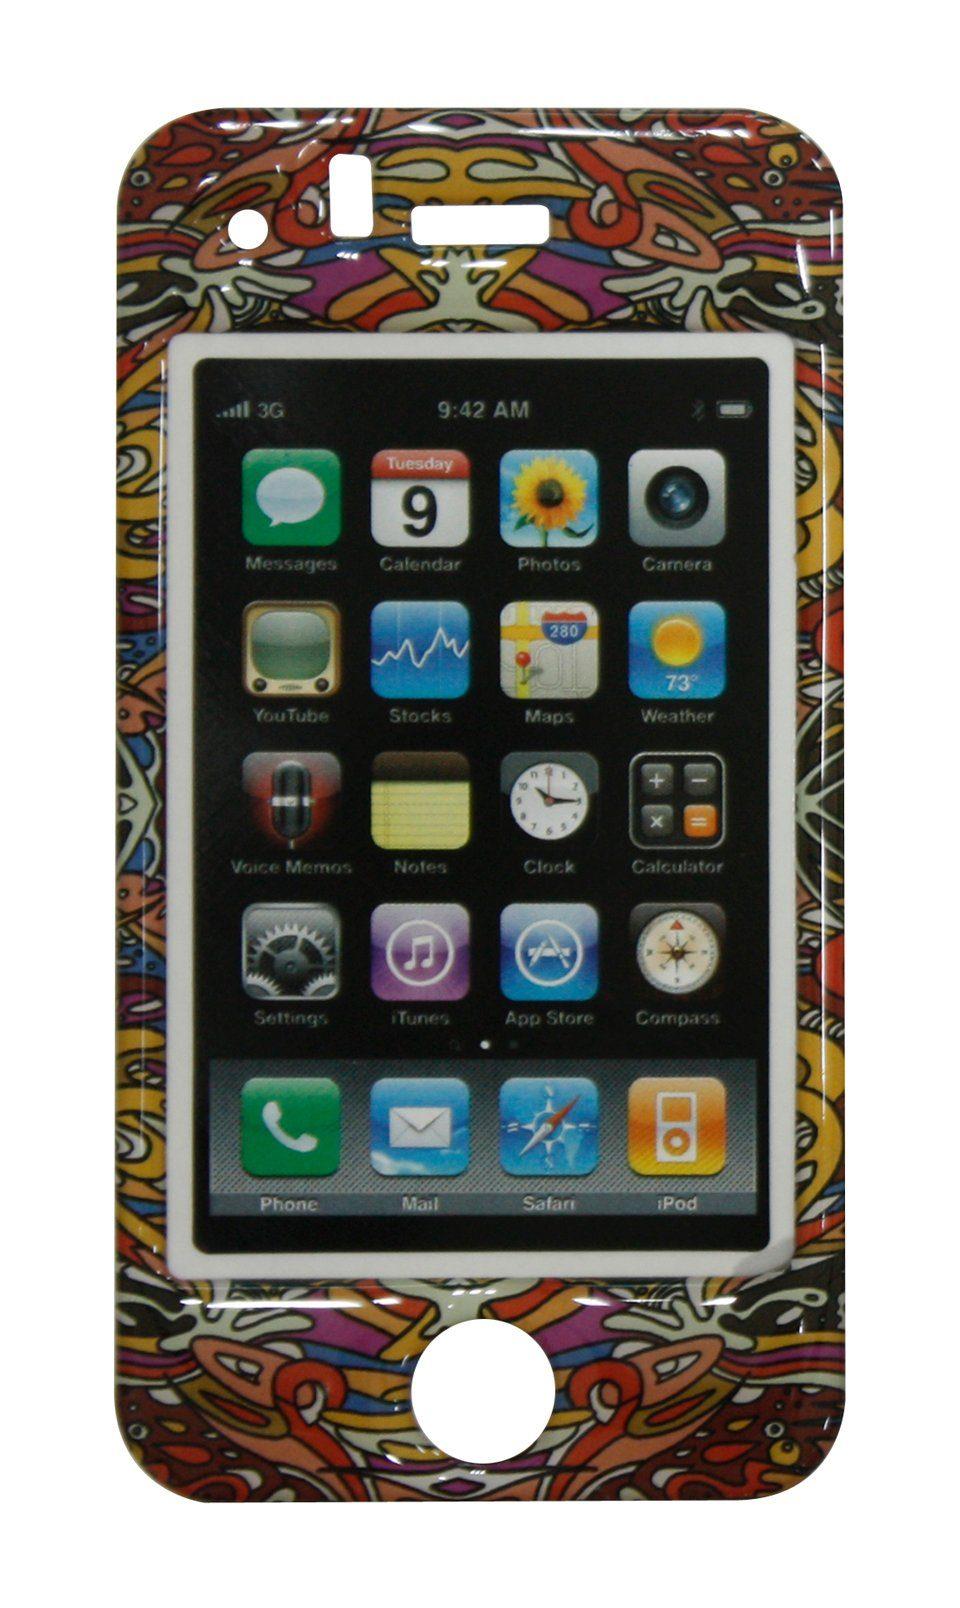 BODINO Schutzfolie »SuperSkin iPhone 3G/3GS CARIOCA«